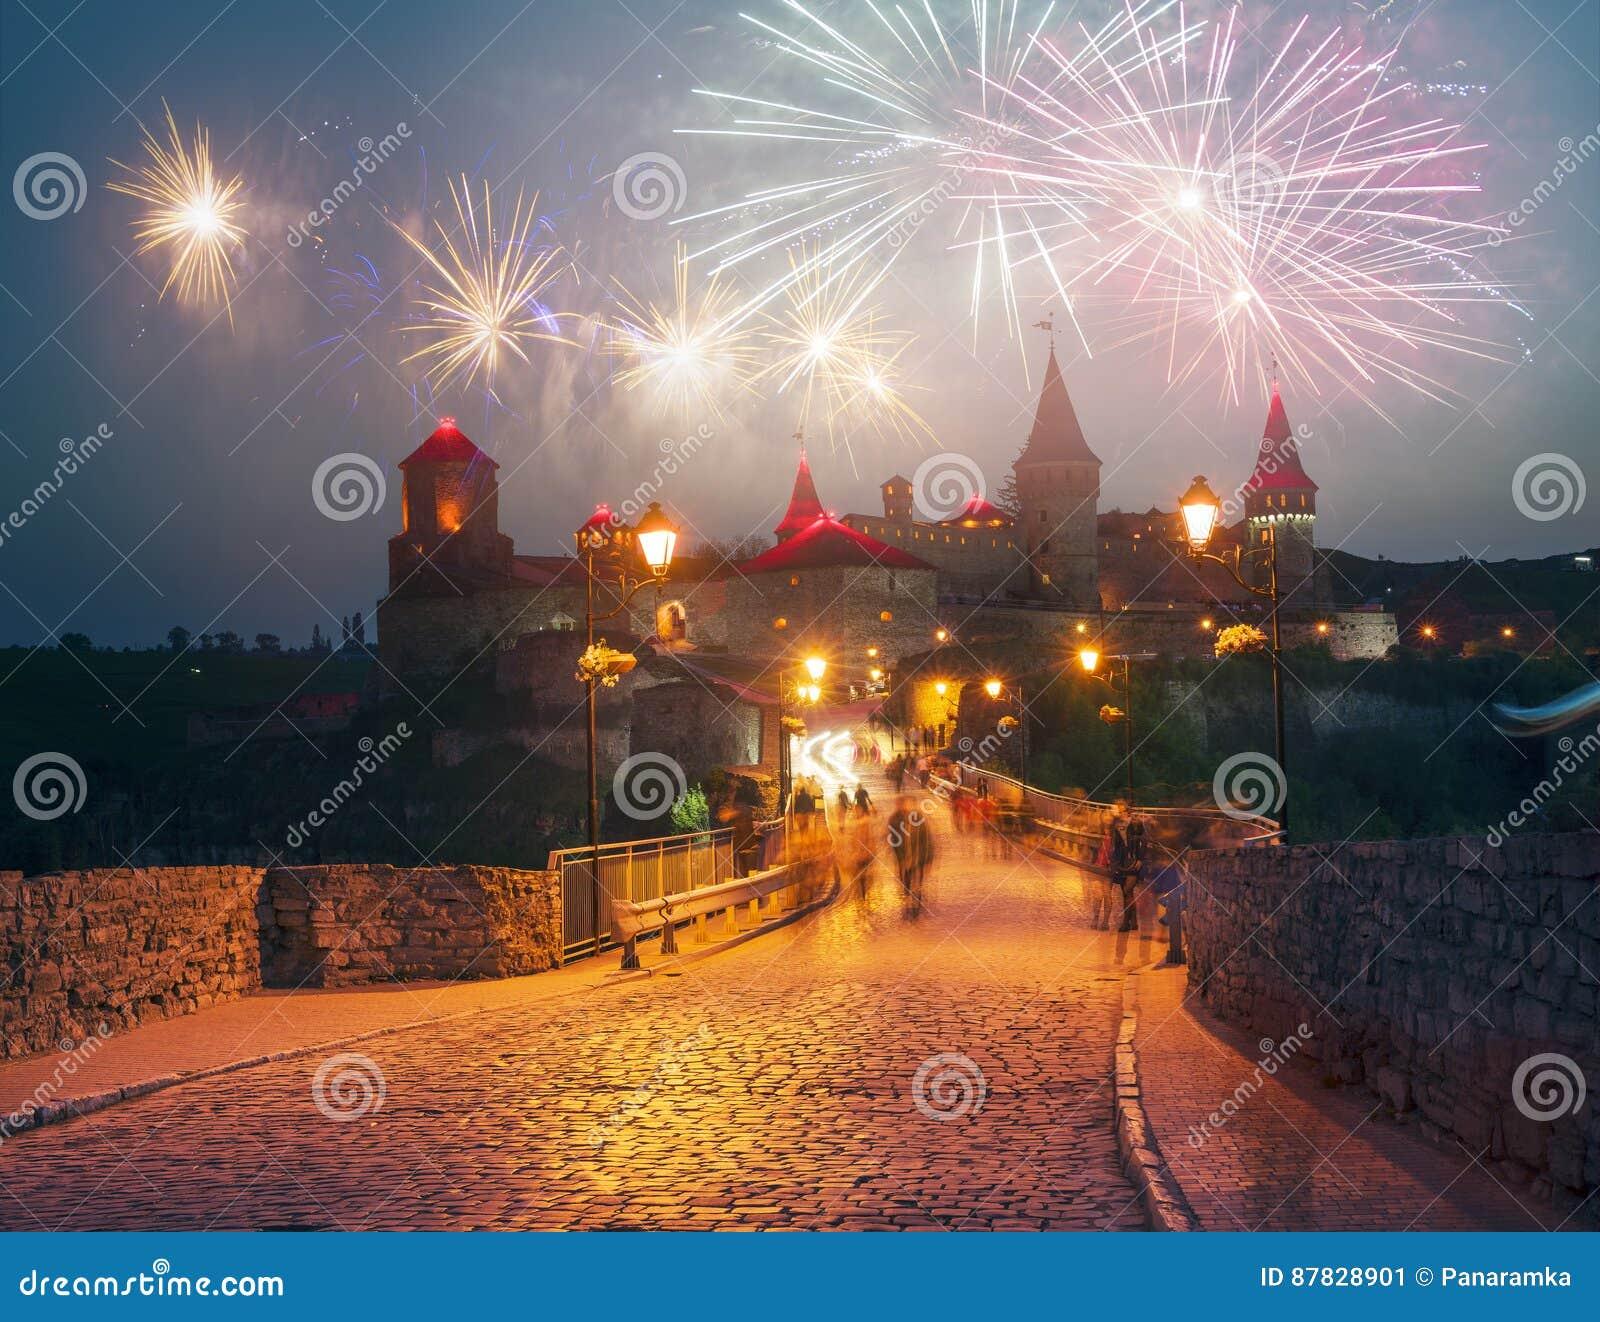 Festivalvuurwerk over het kasteel